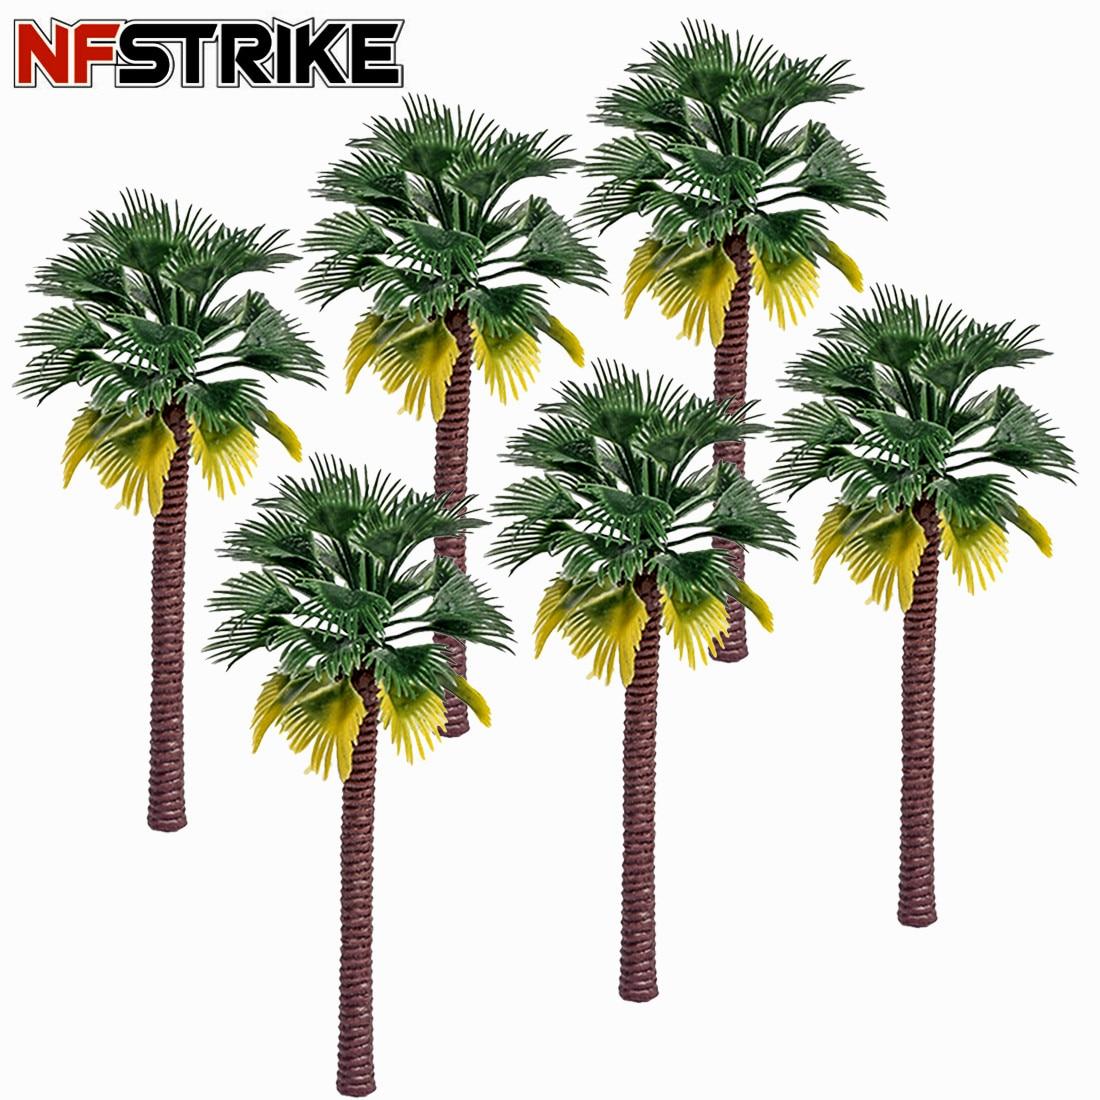 10 pces/50 pces 7 cm-15 cm de plástico coqueiro palmeira trem ferroviário arquitetura diorama árvore modelo decoração kits acessórios